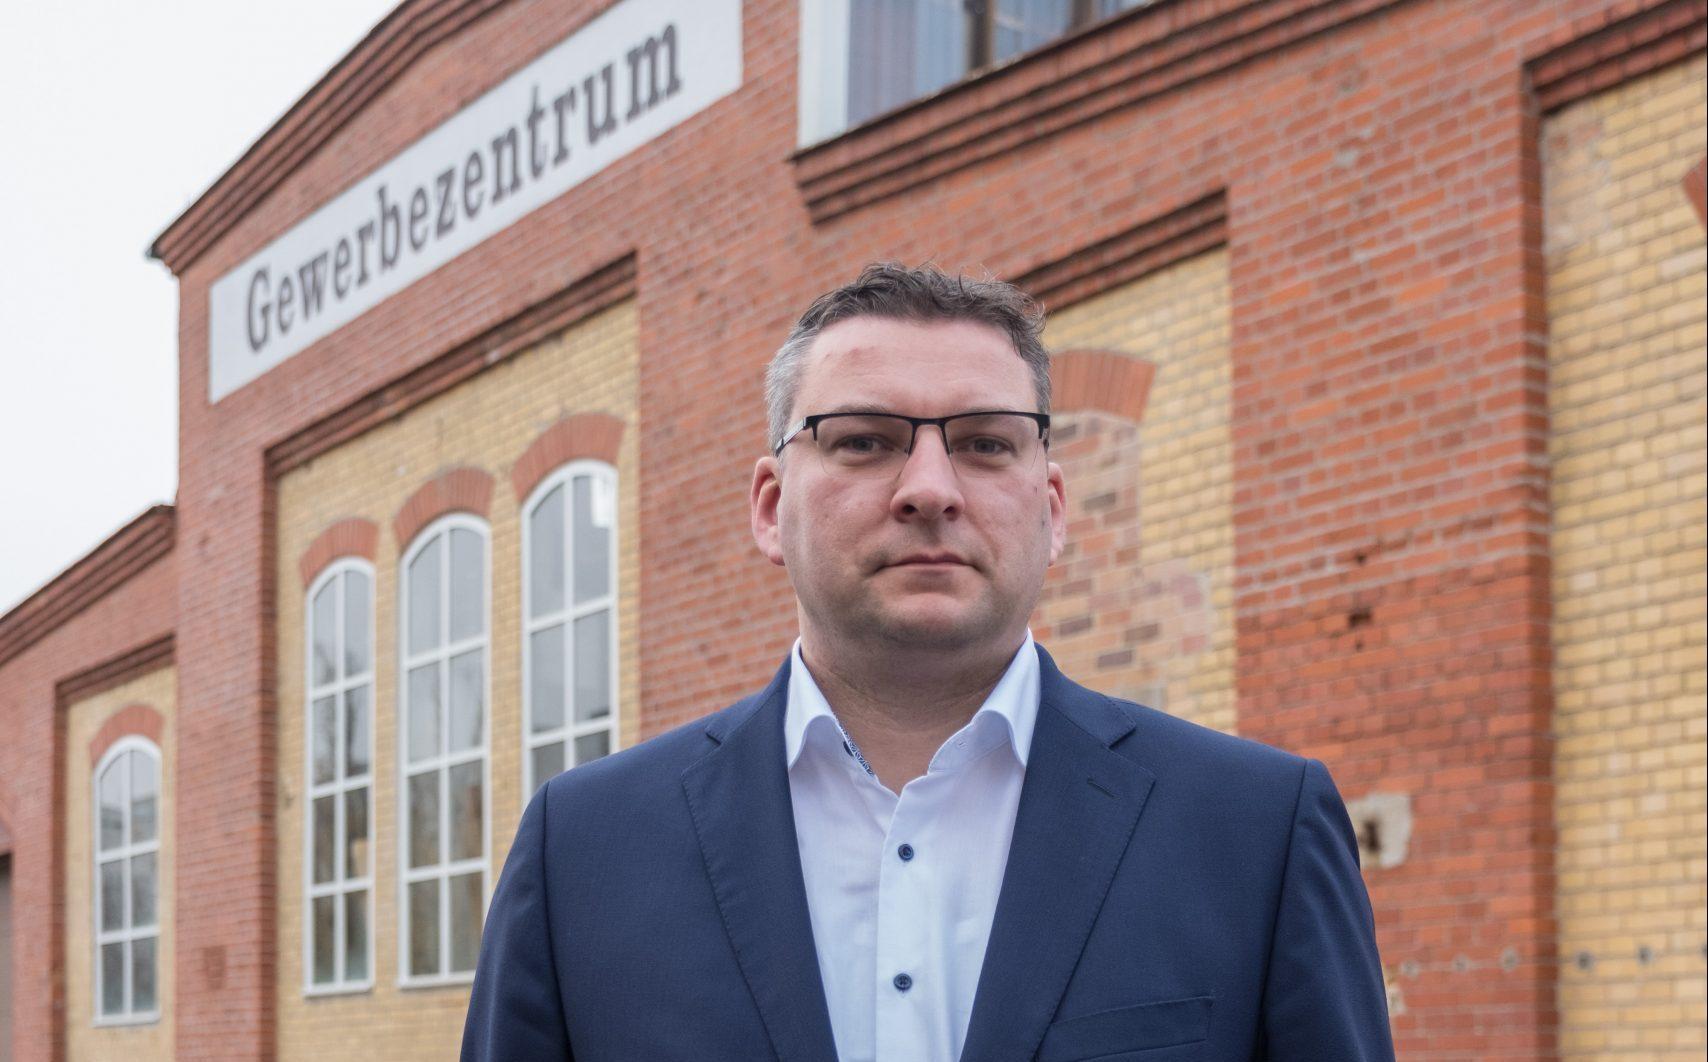 Wirtschaftsförderer Christian Wolf will für die FDP ins Abgeordnetenhaus